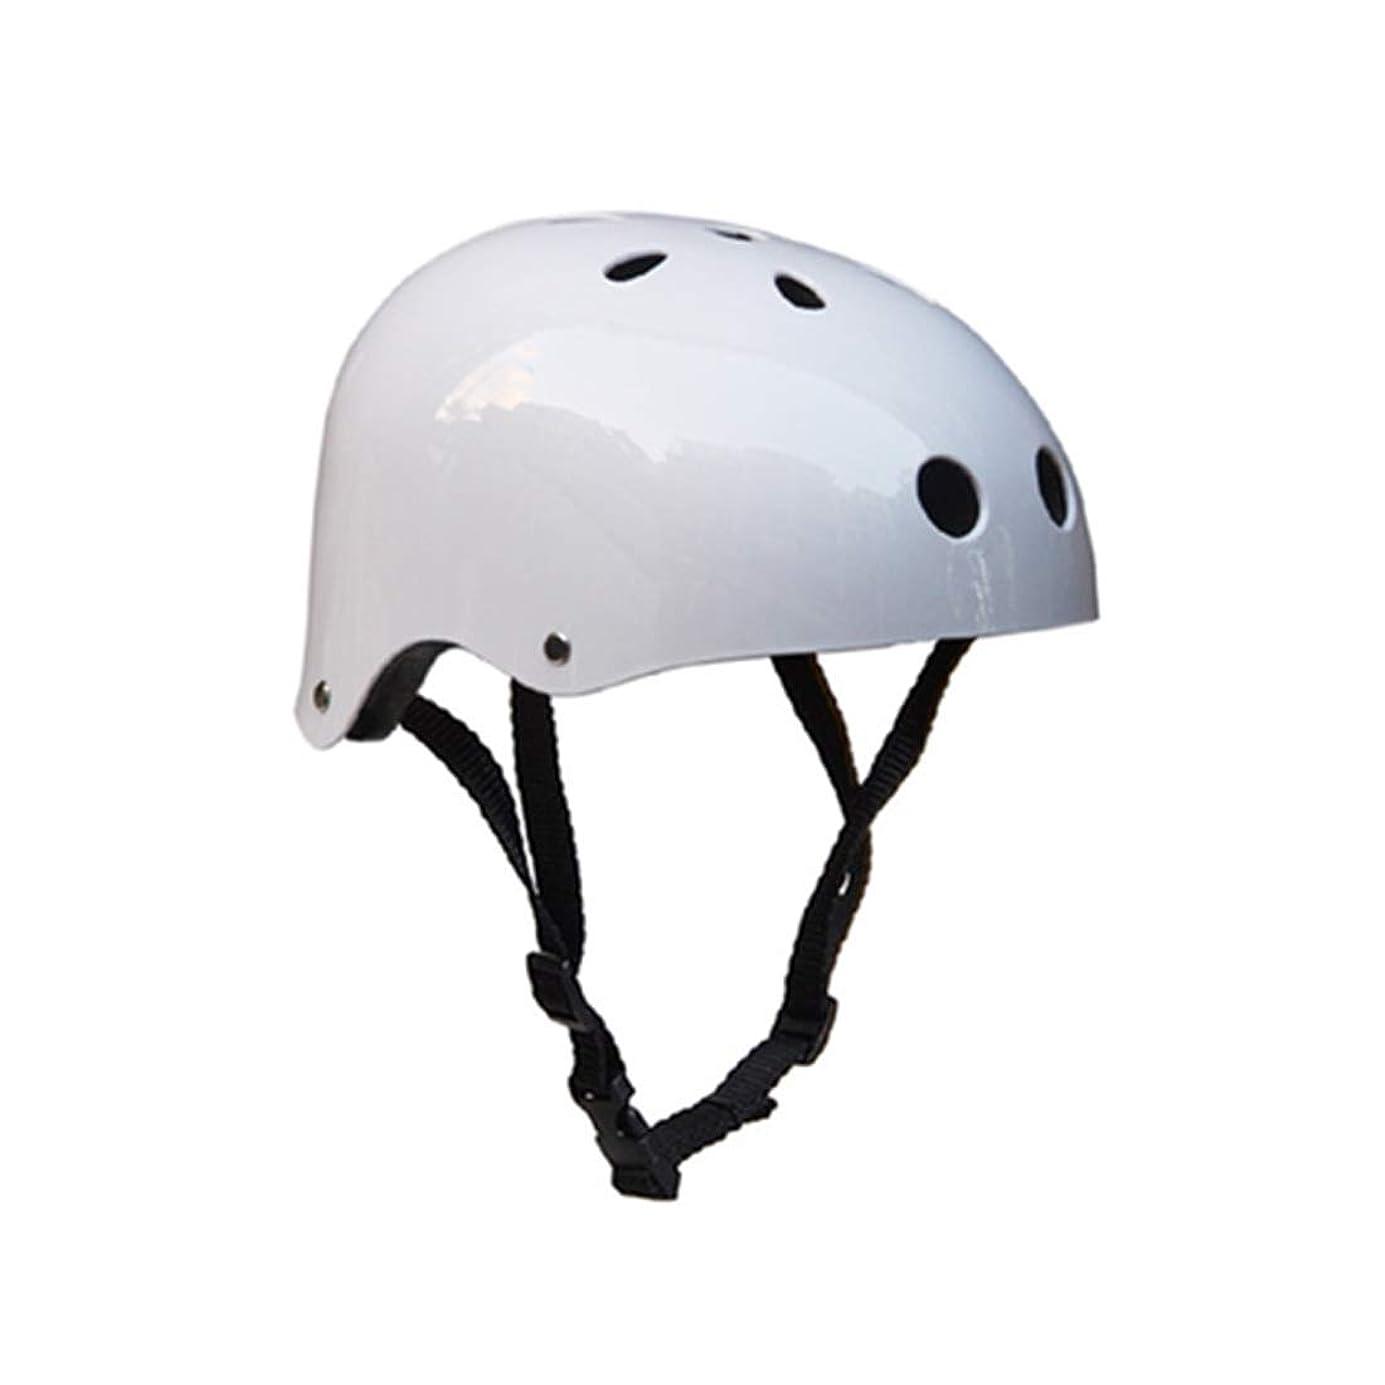 型不利候補者WTYDアウトドアツール クライミング機器安全ヘルメット洞窟レスキュー子供大人用ヘルメット開発アウトドアハイキングスキー用品適切な頭囲:54-57cm、サイズ:M 自転車の部品